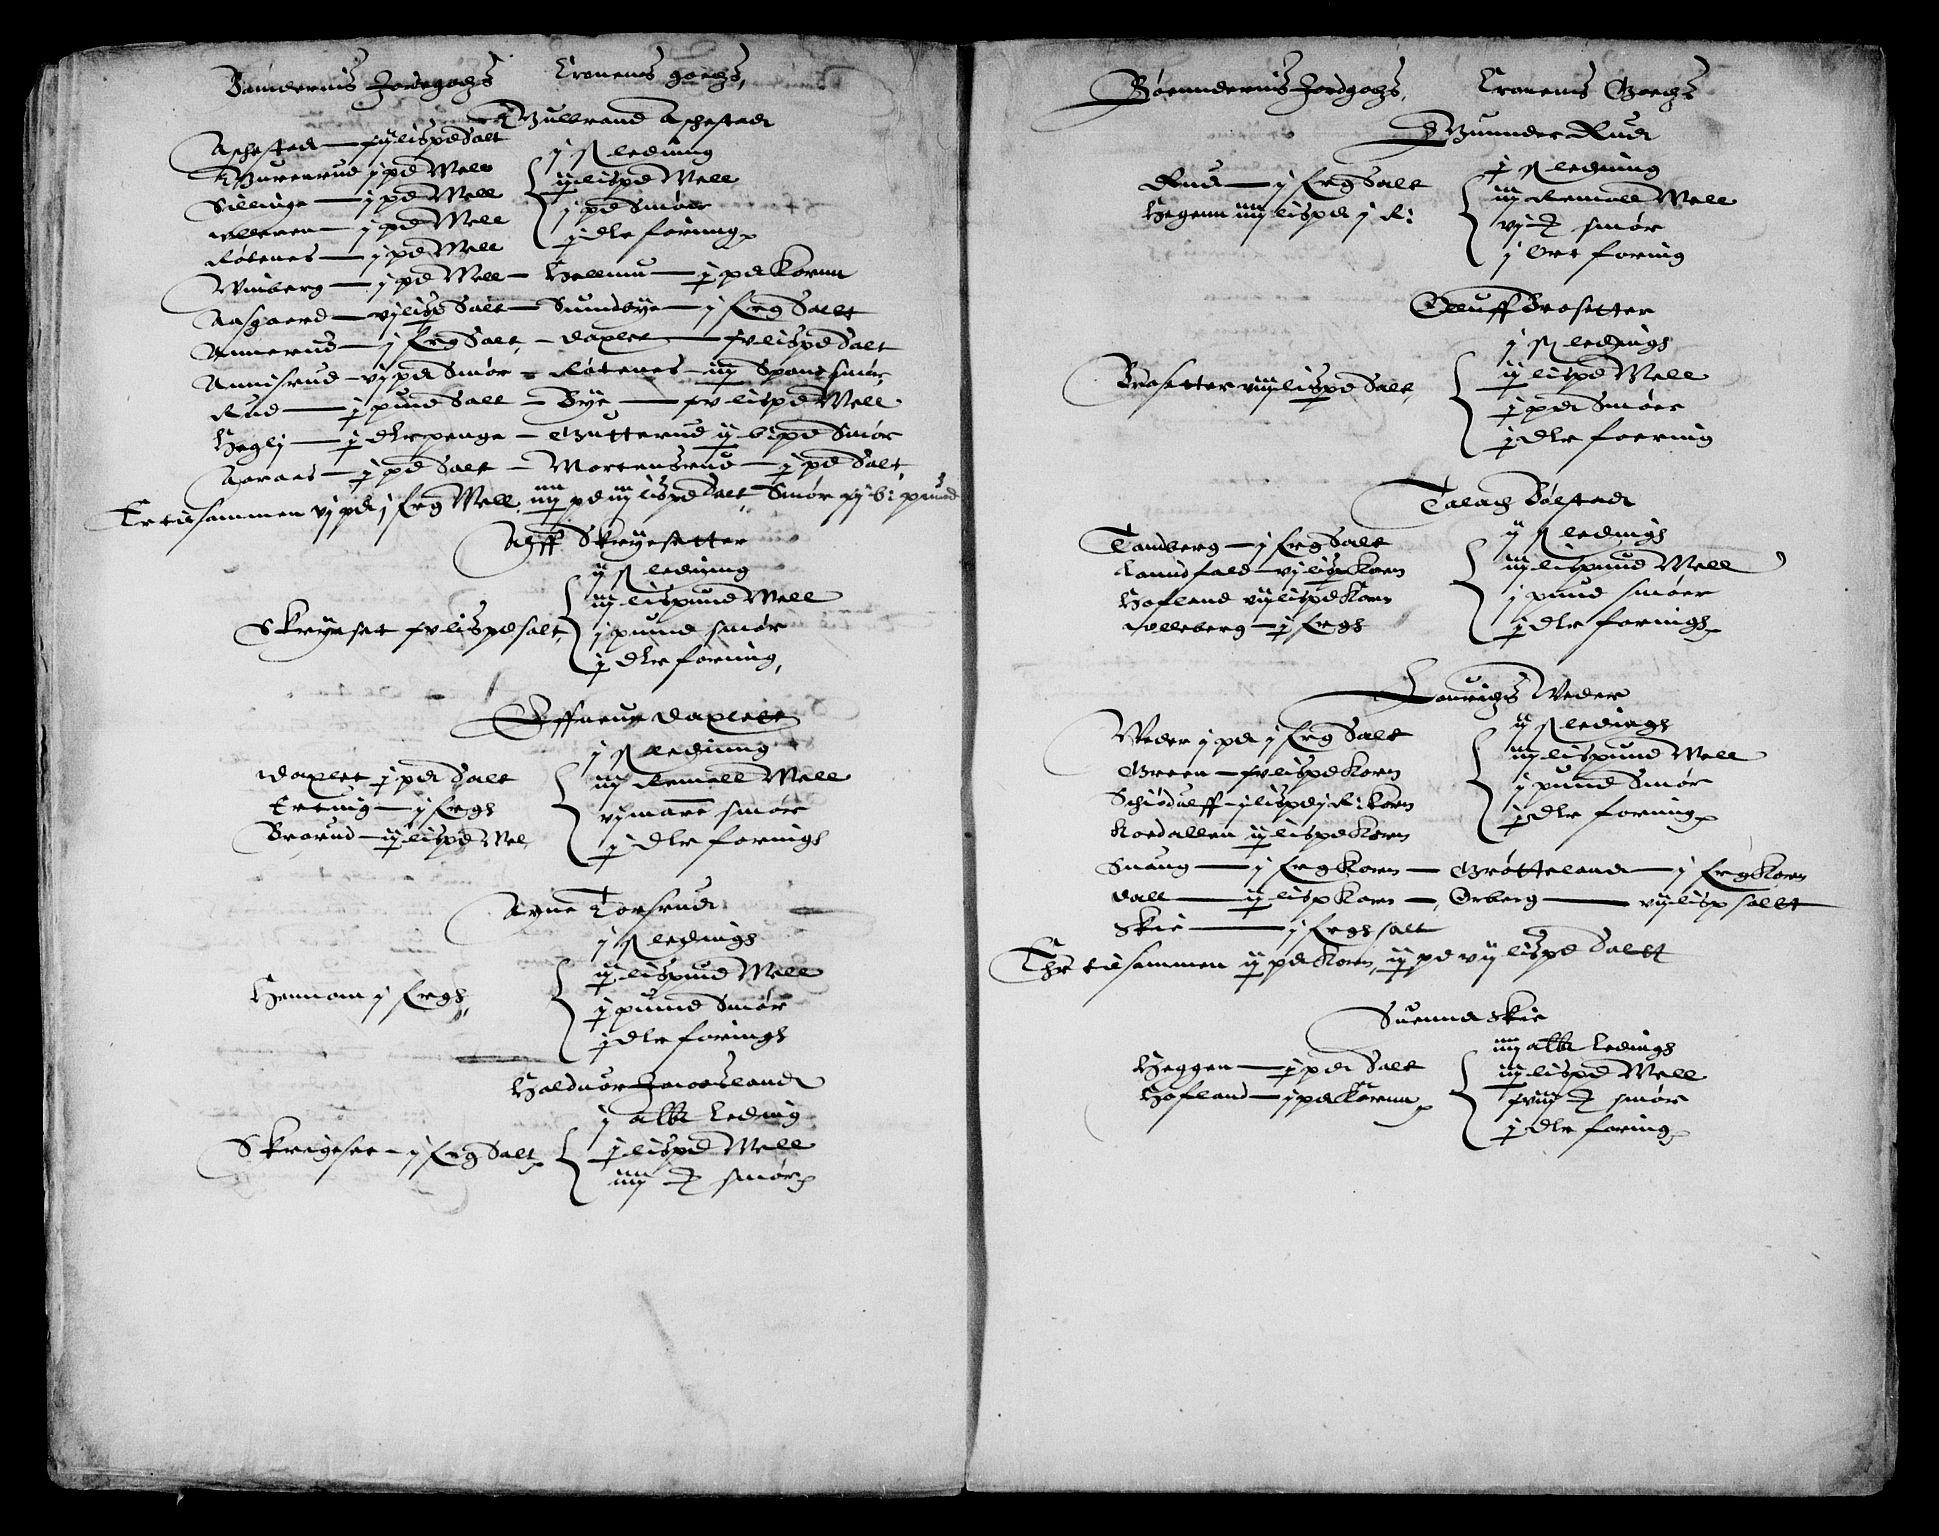 RA, Danske Kanselli, Skapsaker, F/L0038: Skap 9, pakke 324-350, 1615-1721, p. 203